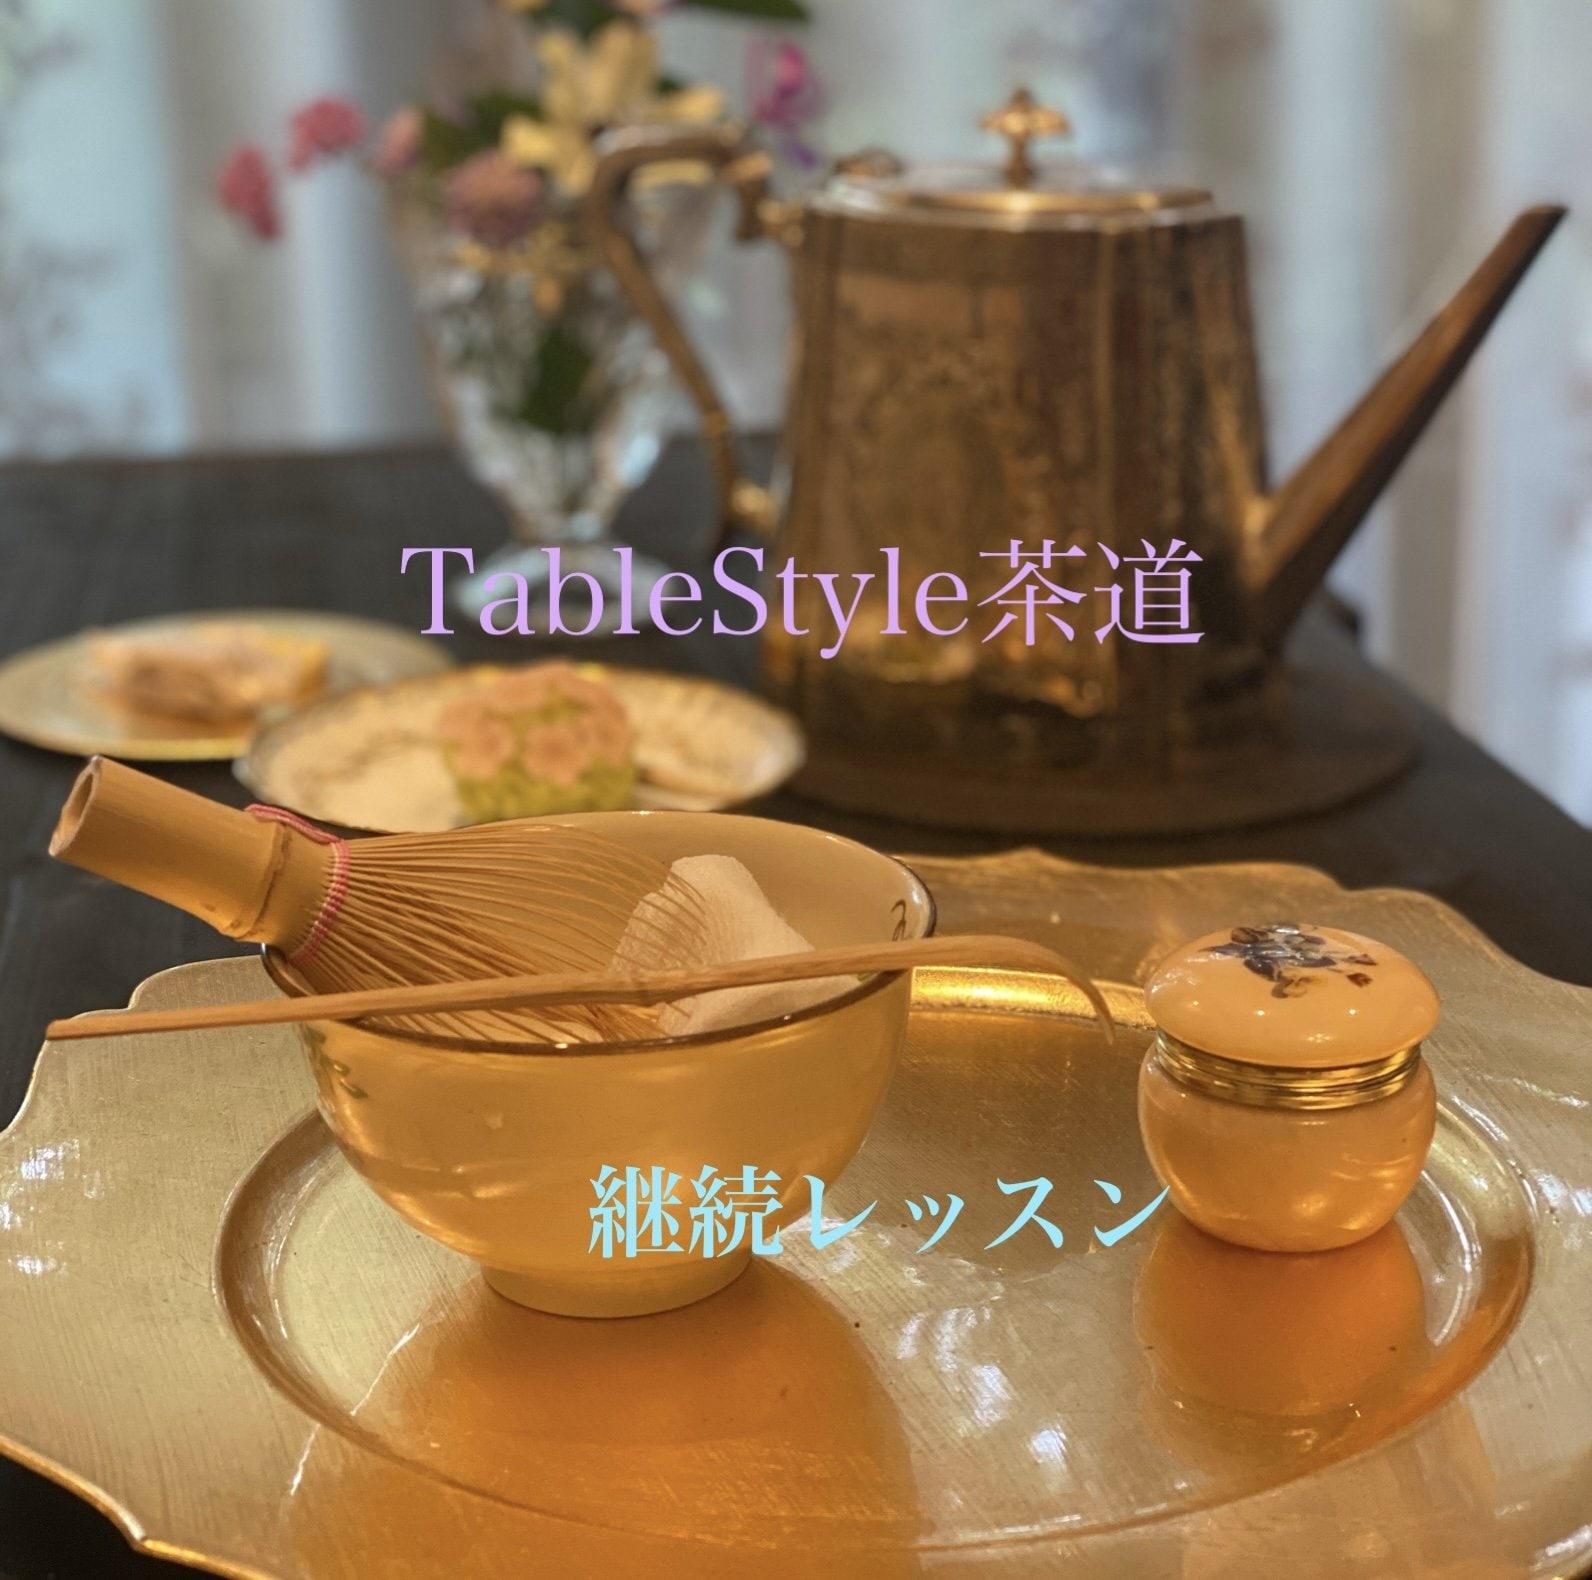 【テーブルスタイル茶道】継続レッスンのイメージその4